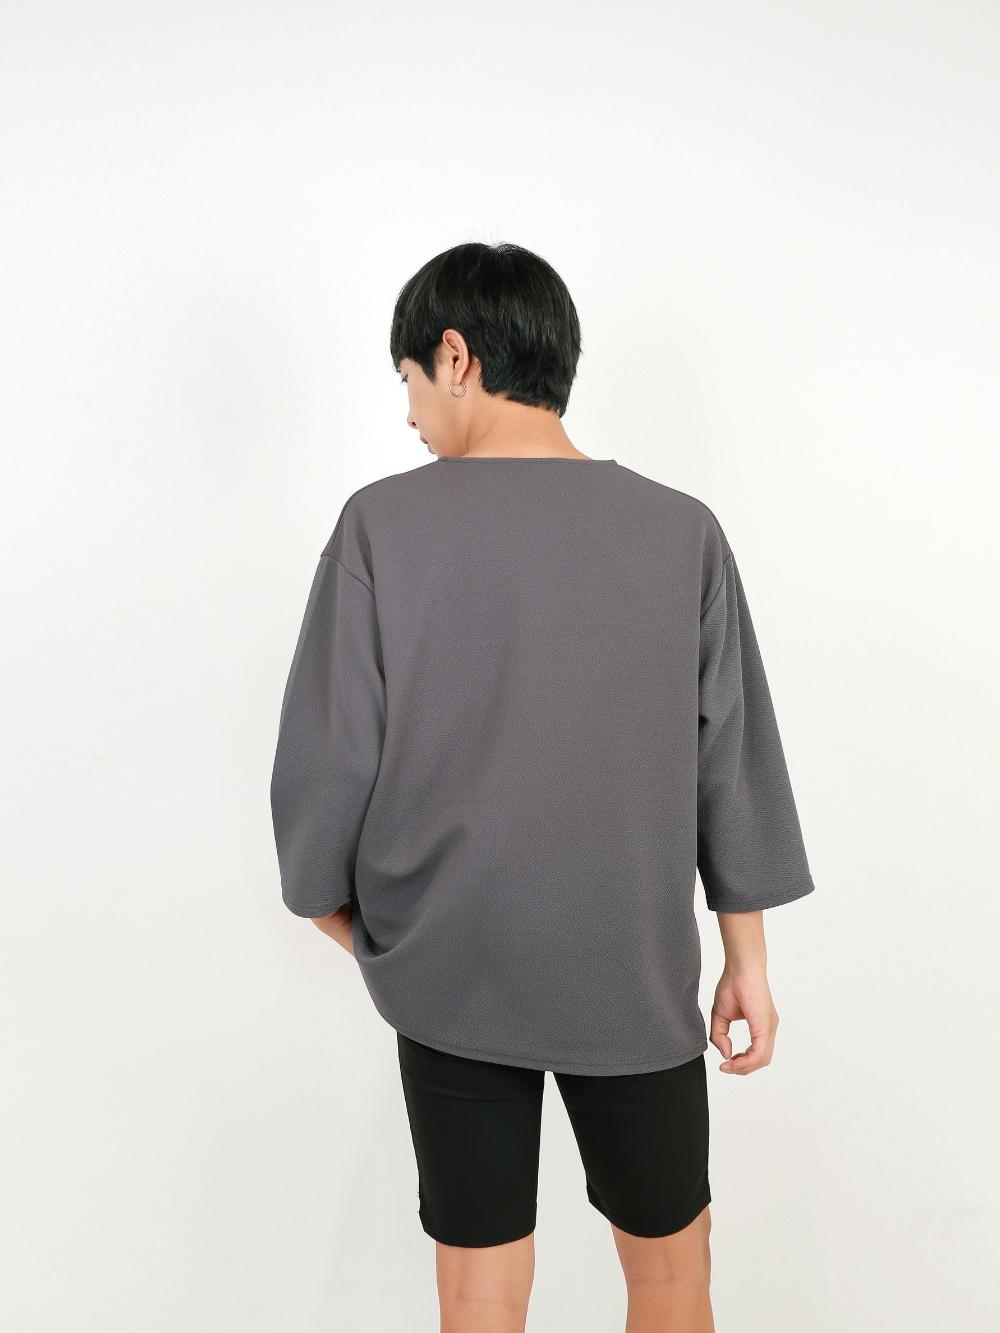 반팔 티셔츠 모델 착용 이미지-S1L56